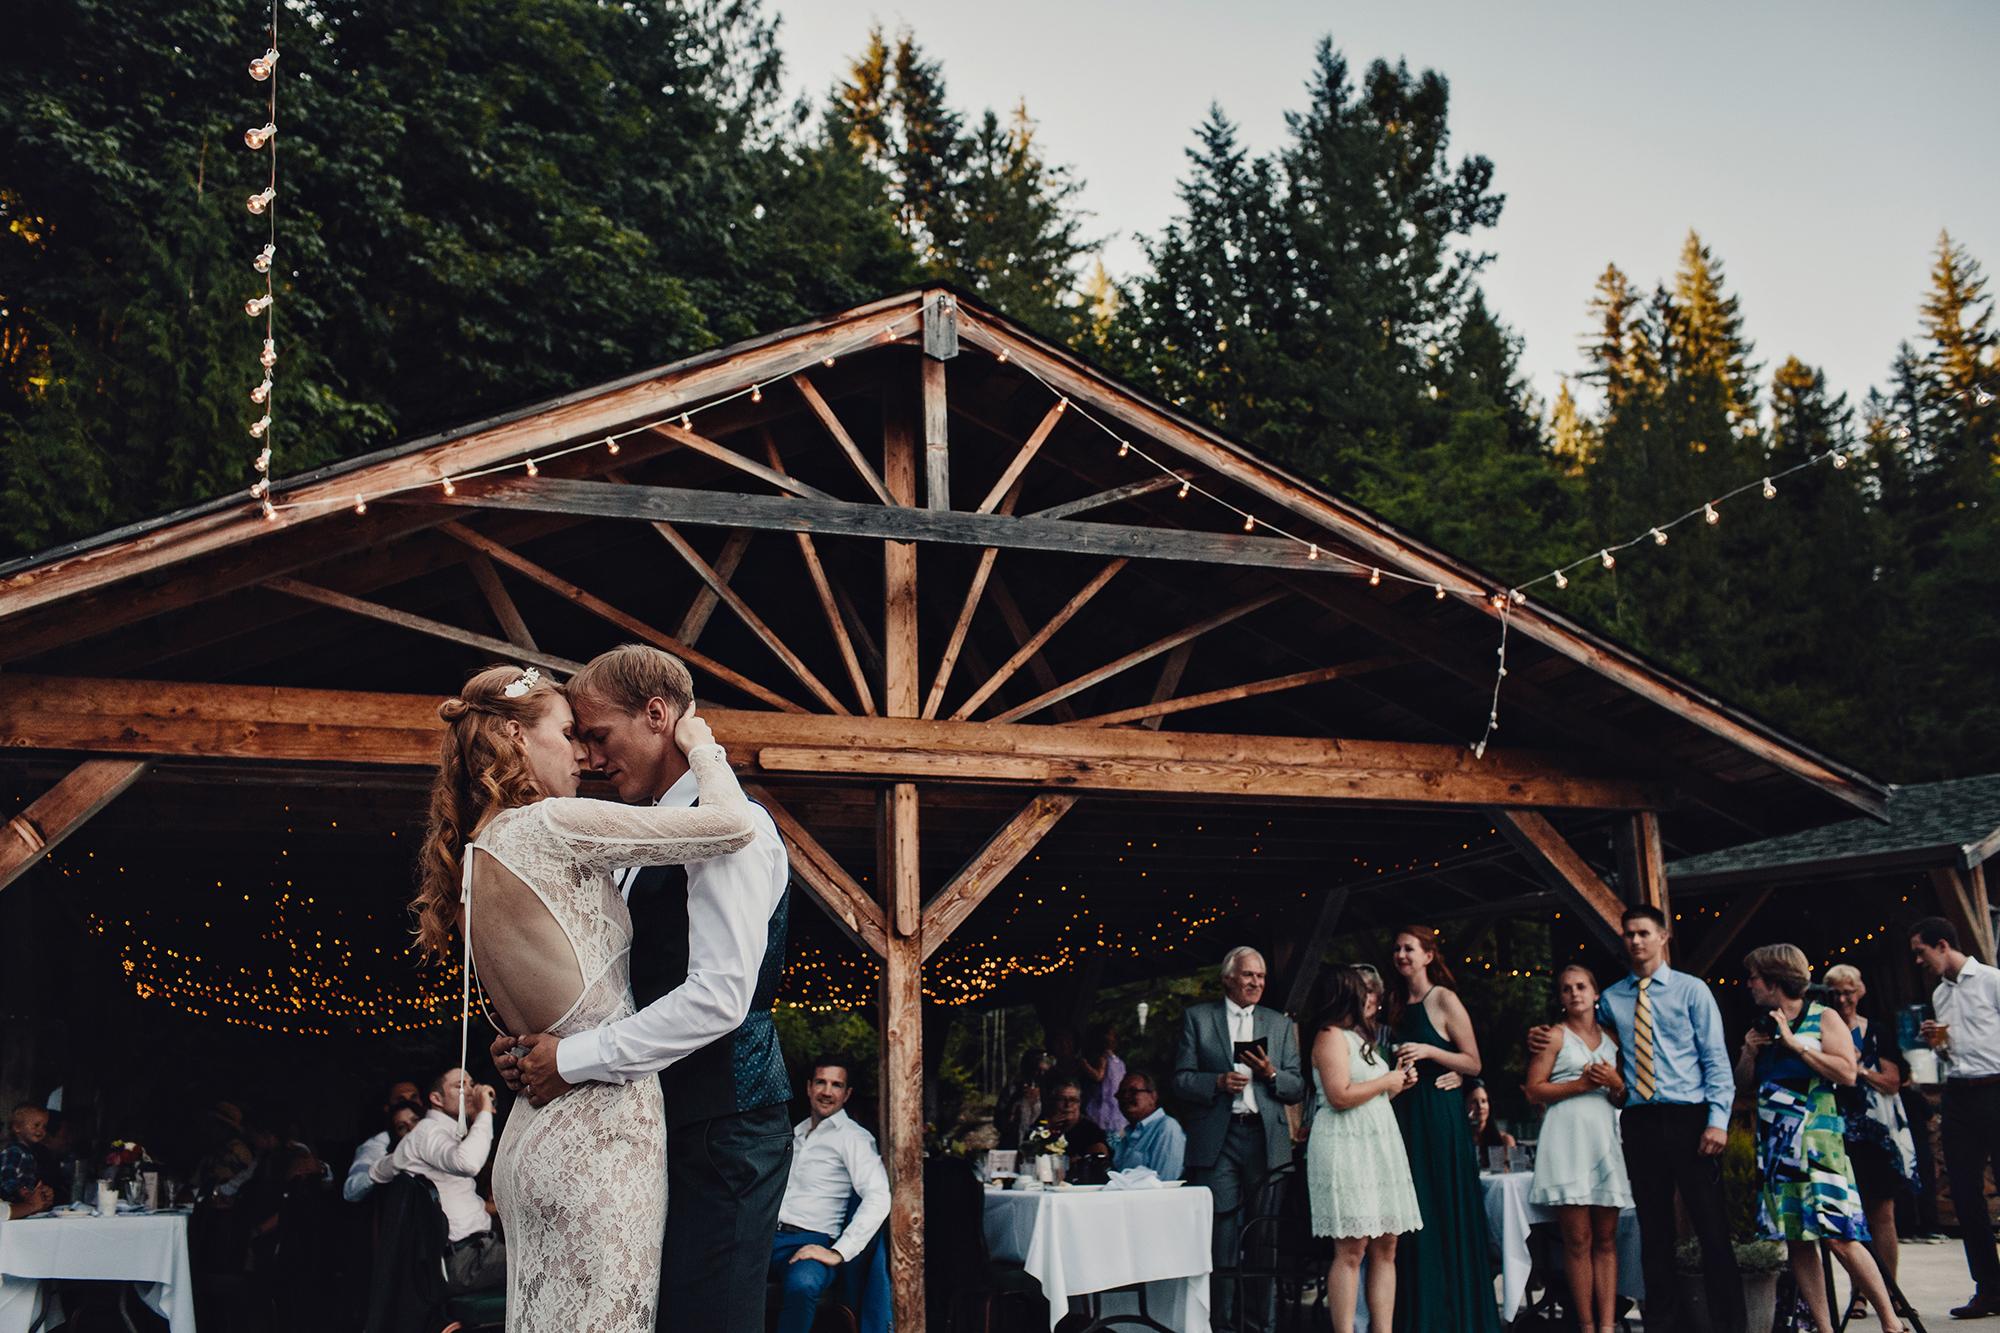 mountain-top-wedding-photos-0105.JPG